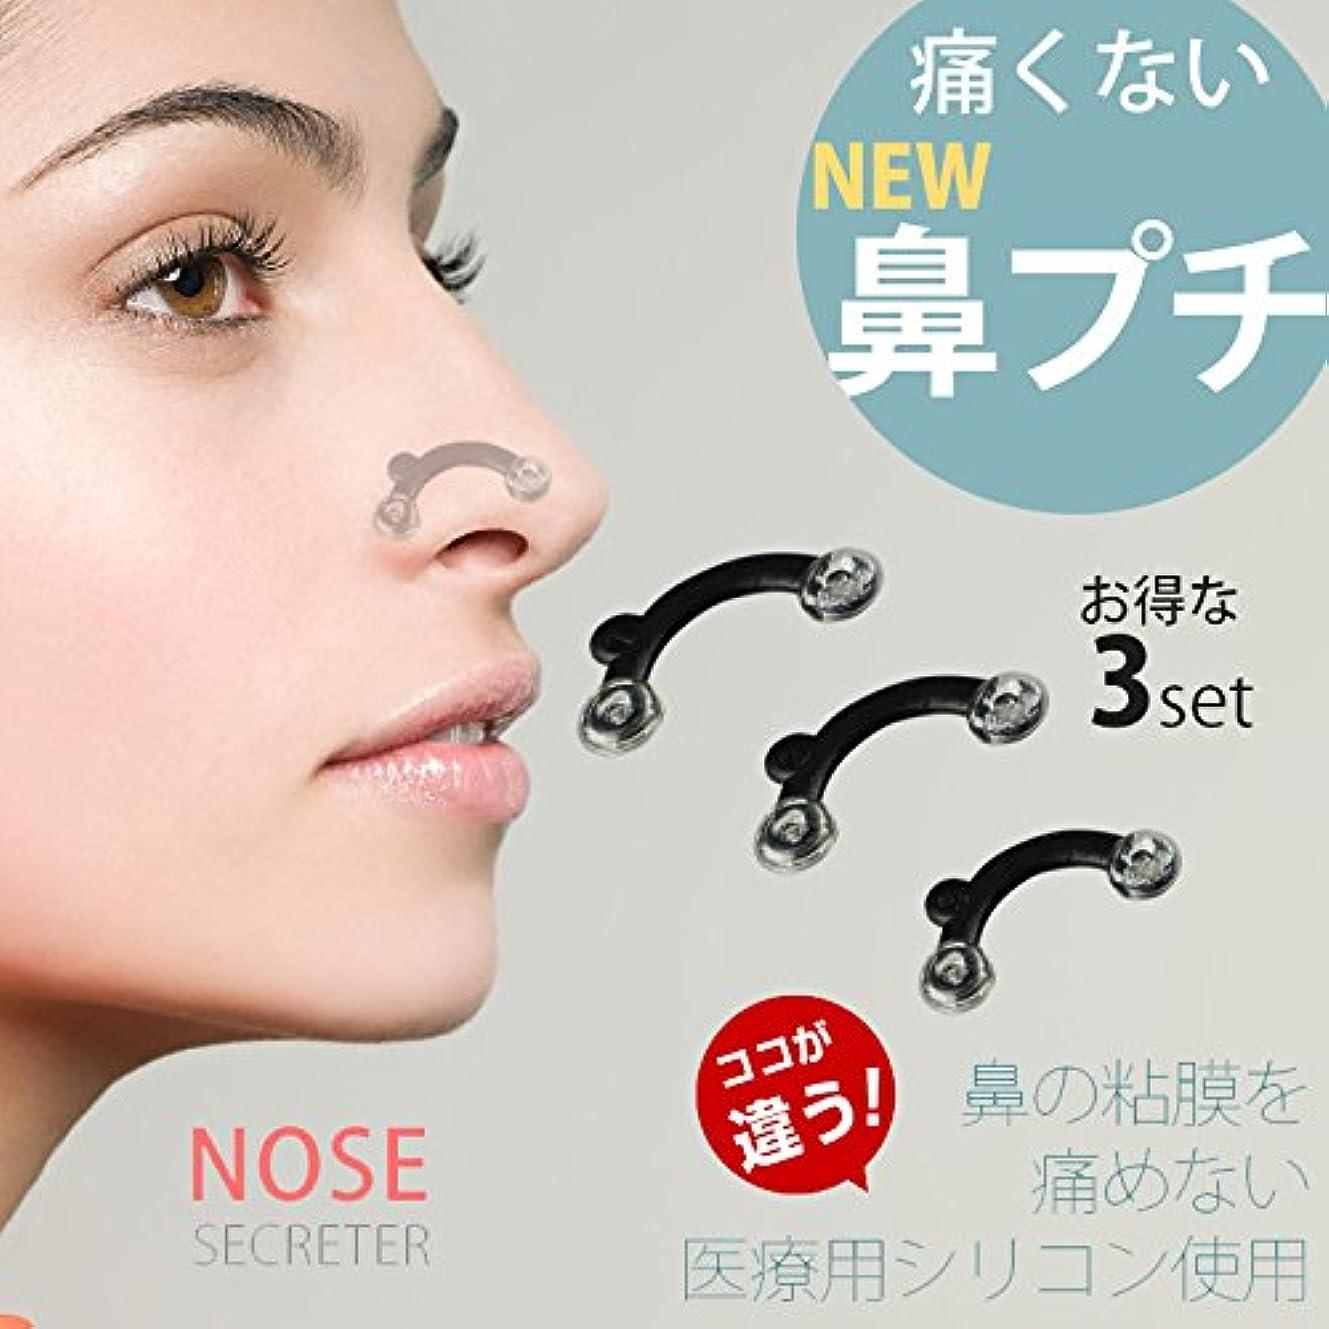 ストライド前奏曲提供するOUSENEI 鼻プチ 矯正プチ 美鼻 整形せず 医療用シリコン製 柔らかい 痛くない ハナのアイプチ 24.5mm/25.5mm/27mm 全3サイズ 3点セット (ブラック)